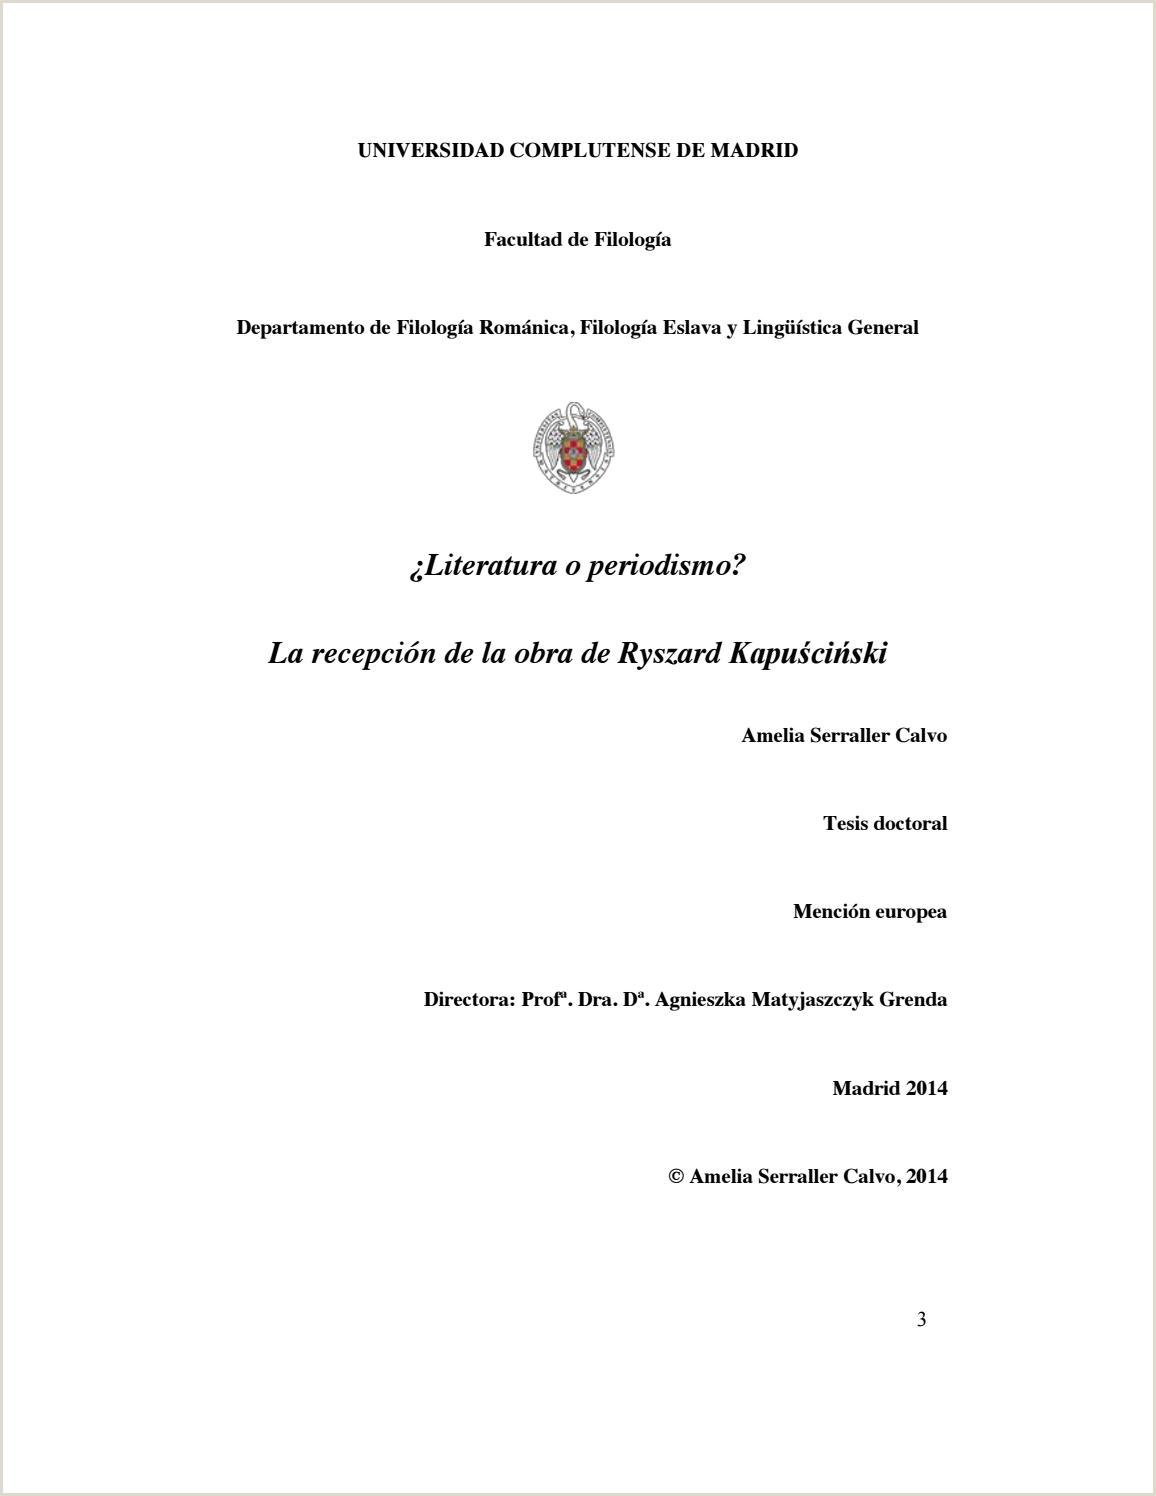 Hoja De Vida formato Unico Para Llenar En Computador Literatura O Periodismo La Recepci³n De La Obra De Ryzard